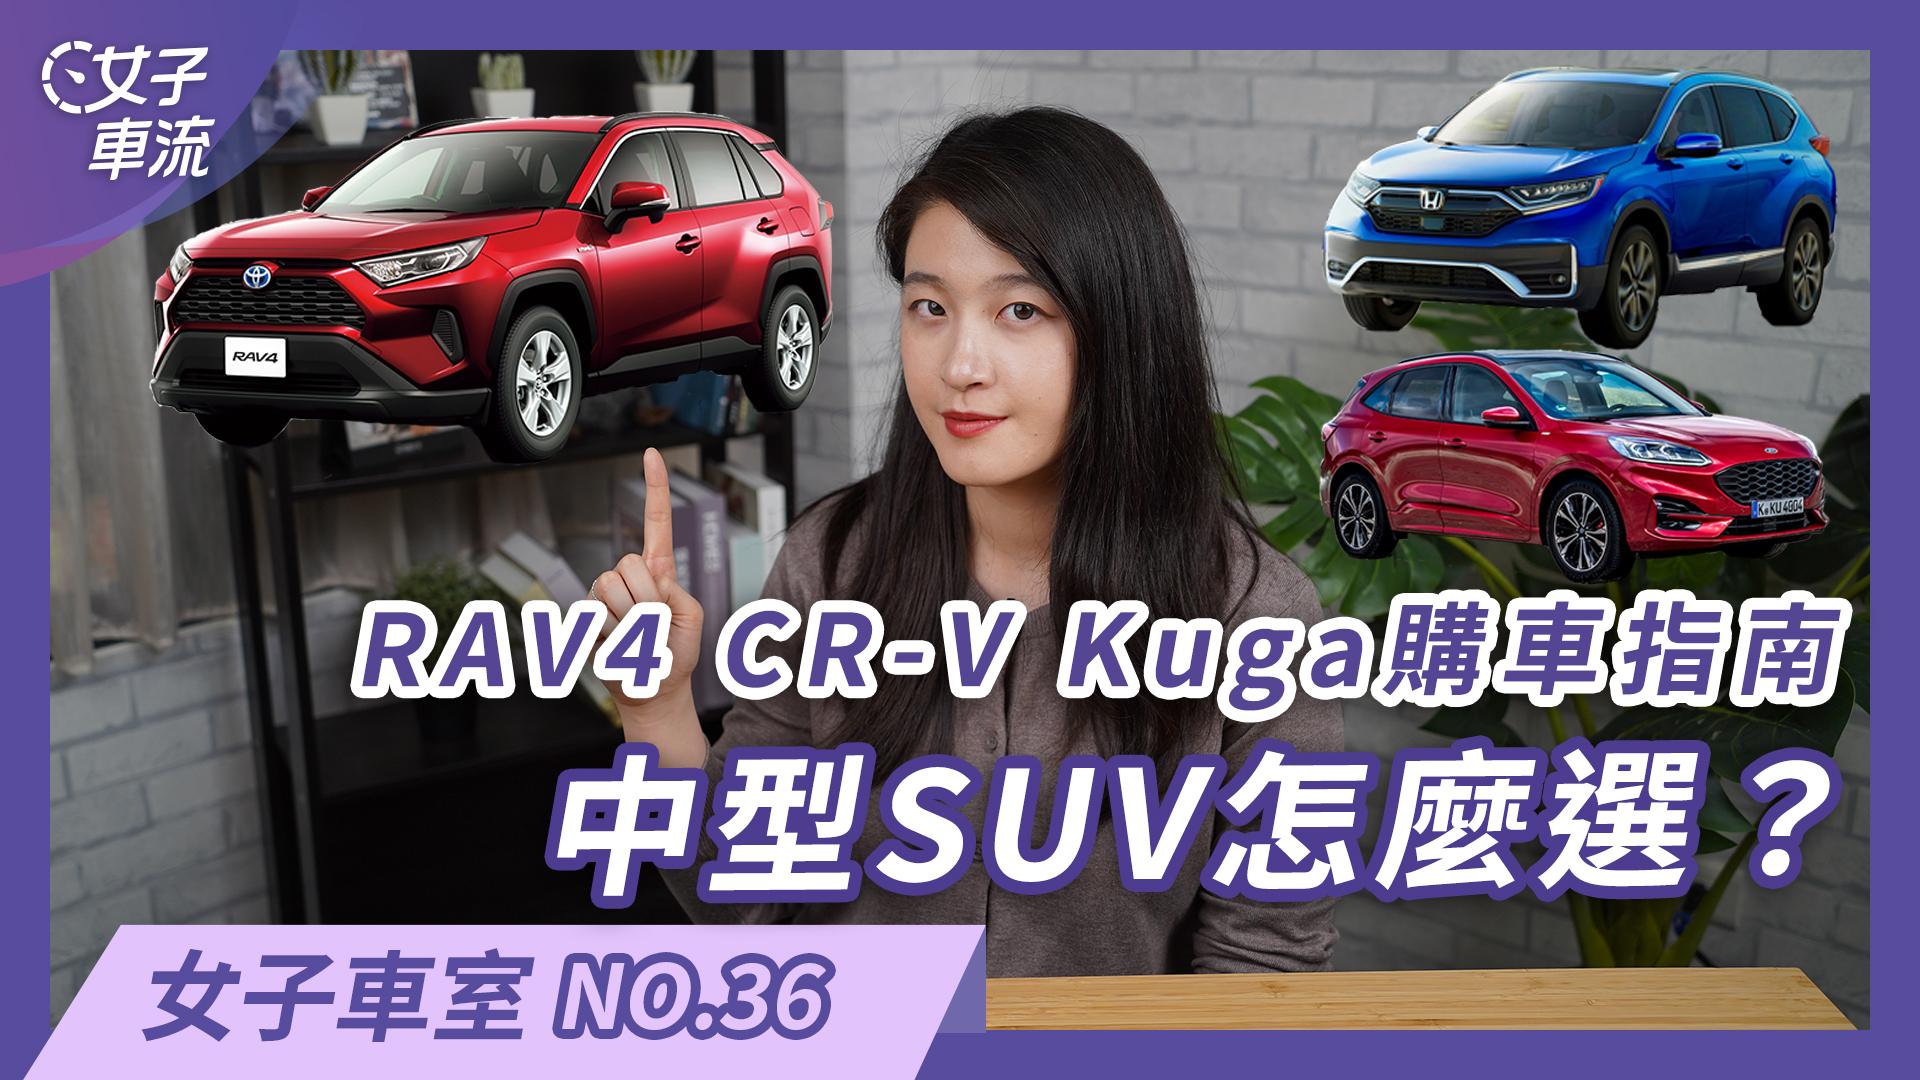 熱門中型SUV購車指南! RAV4、CR-V、Kuga怎麼選? 車款大盤點